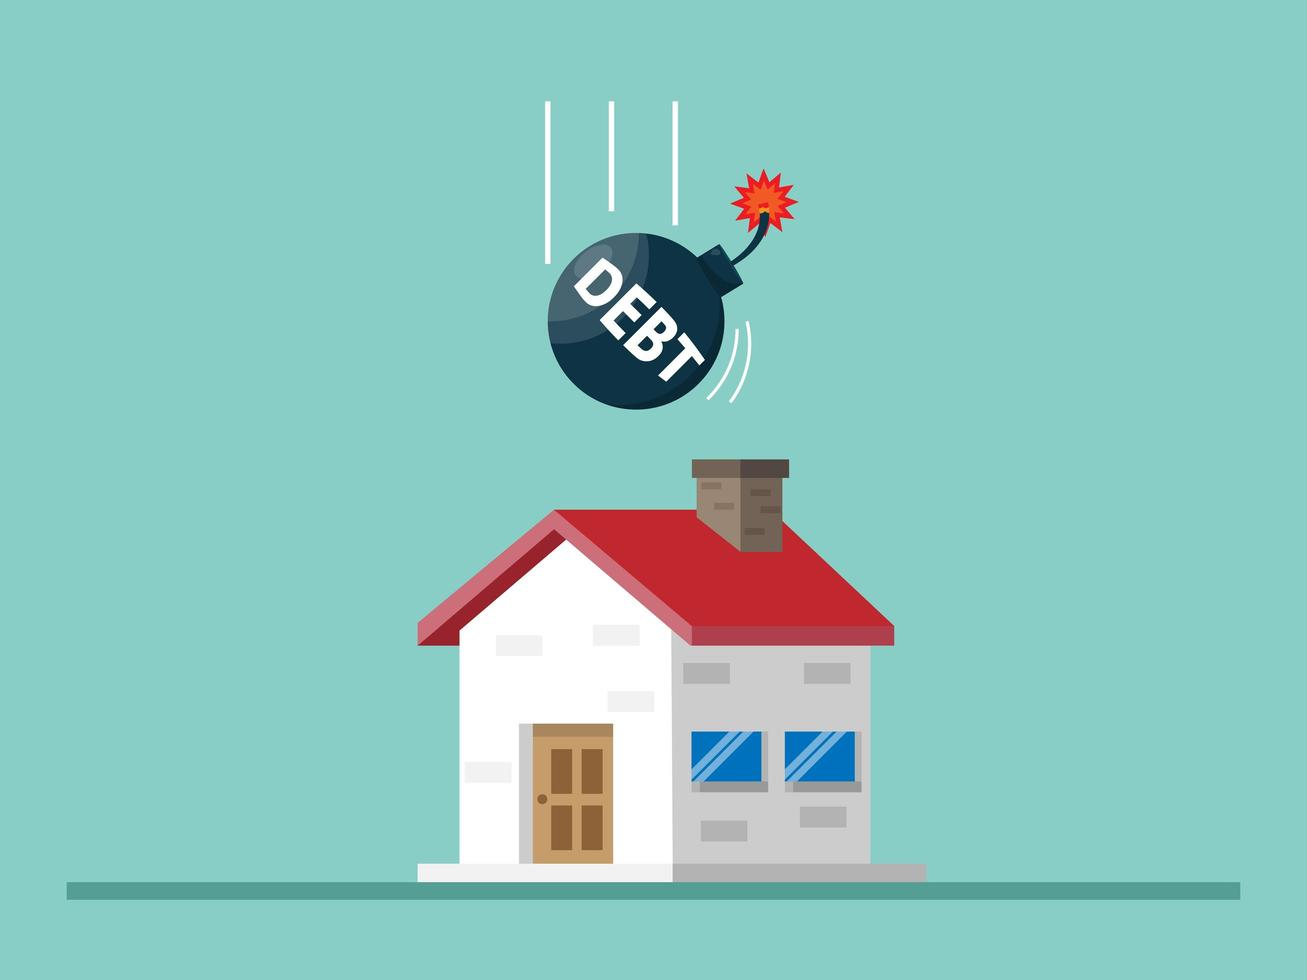 casa com bomba de dívida, conceito de empréstimo à habitação vetor